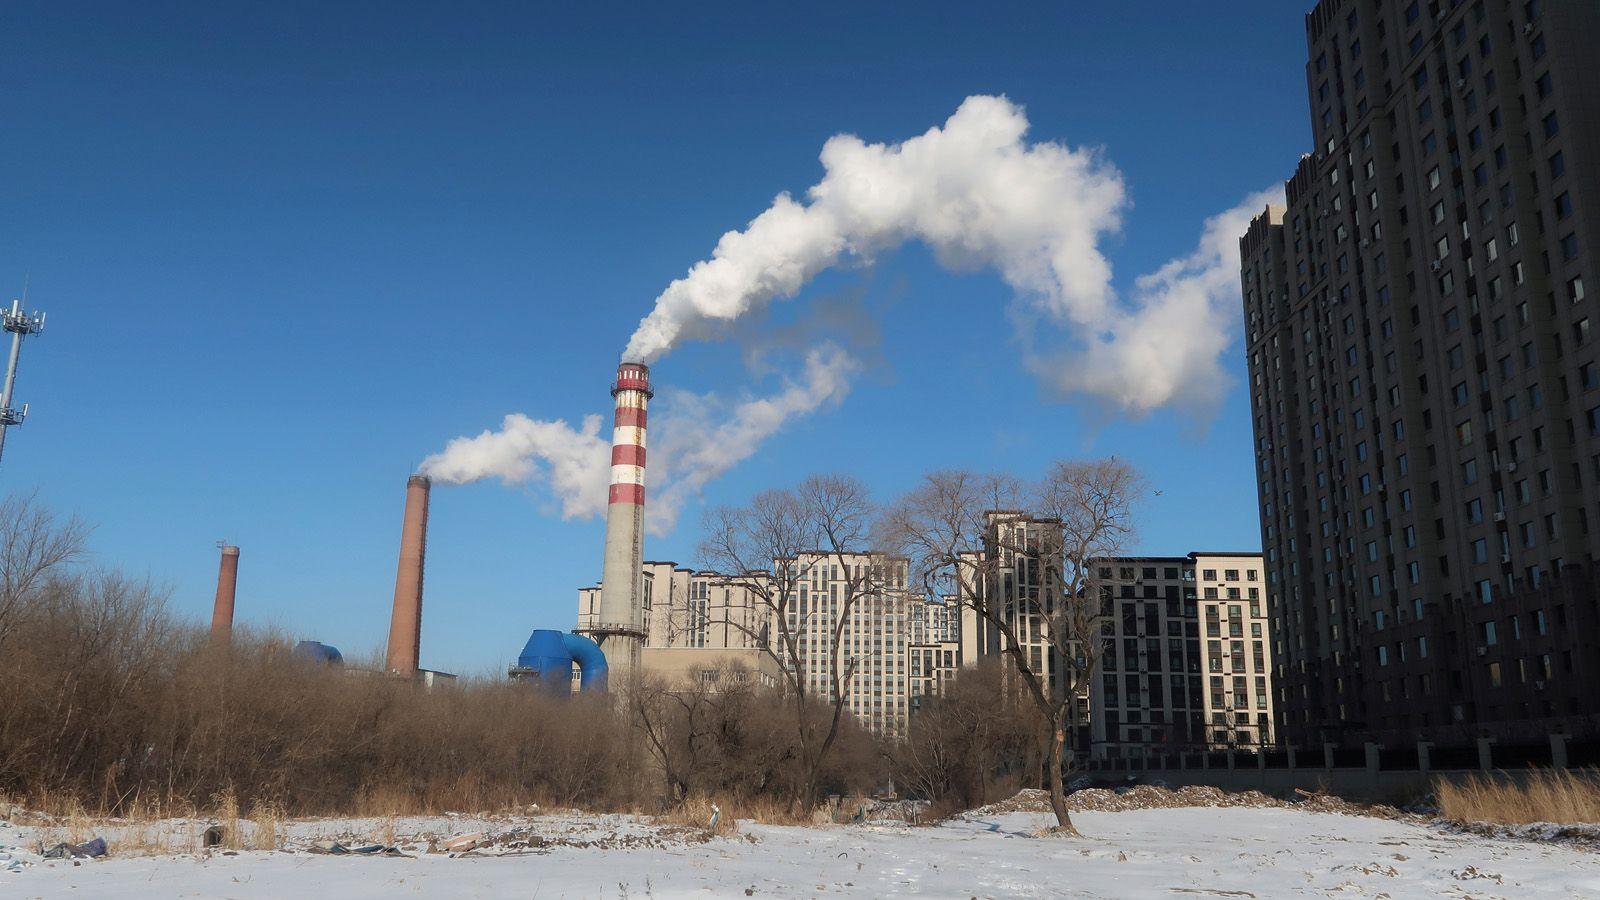 中国「CO2排出実質ゼロ」宣言、実現すれば画期的 | 資源・エネルギー